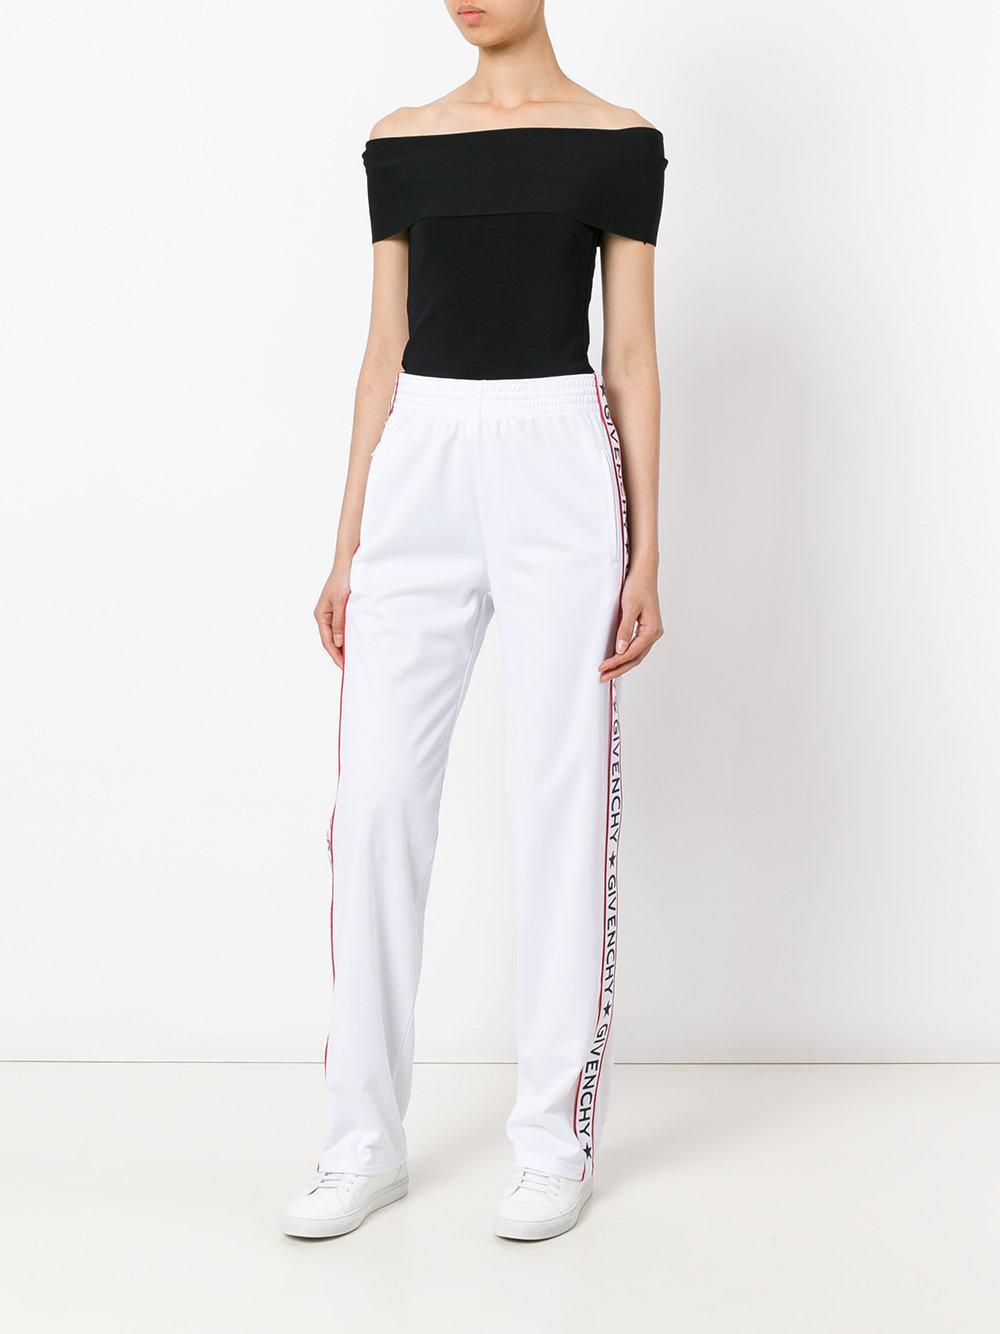 Givenchy Logo Stripe Track Pants Women Cotton